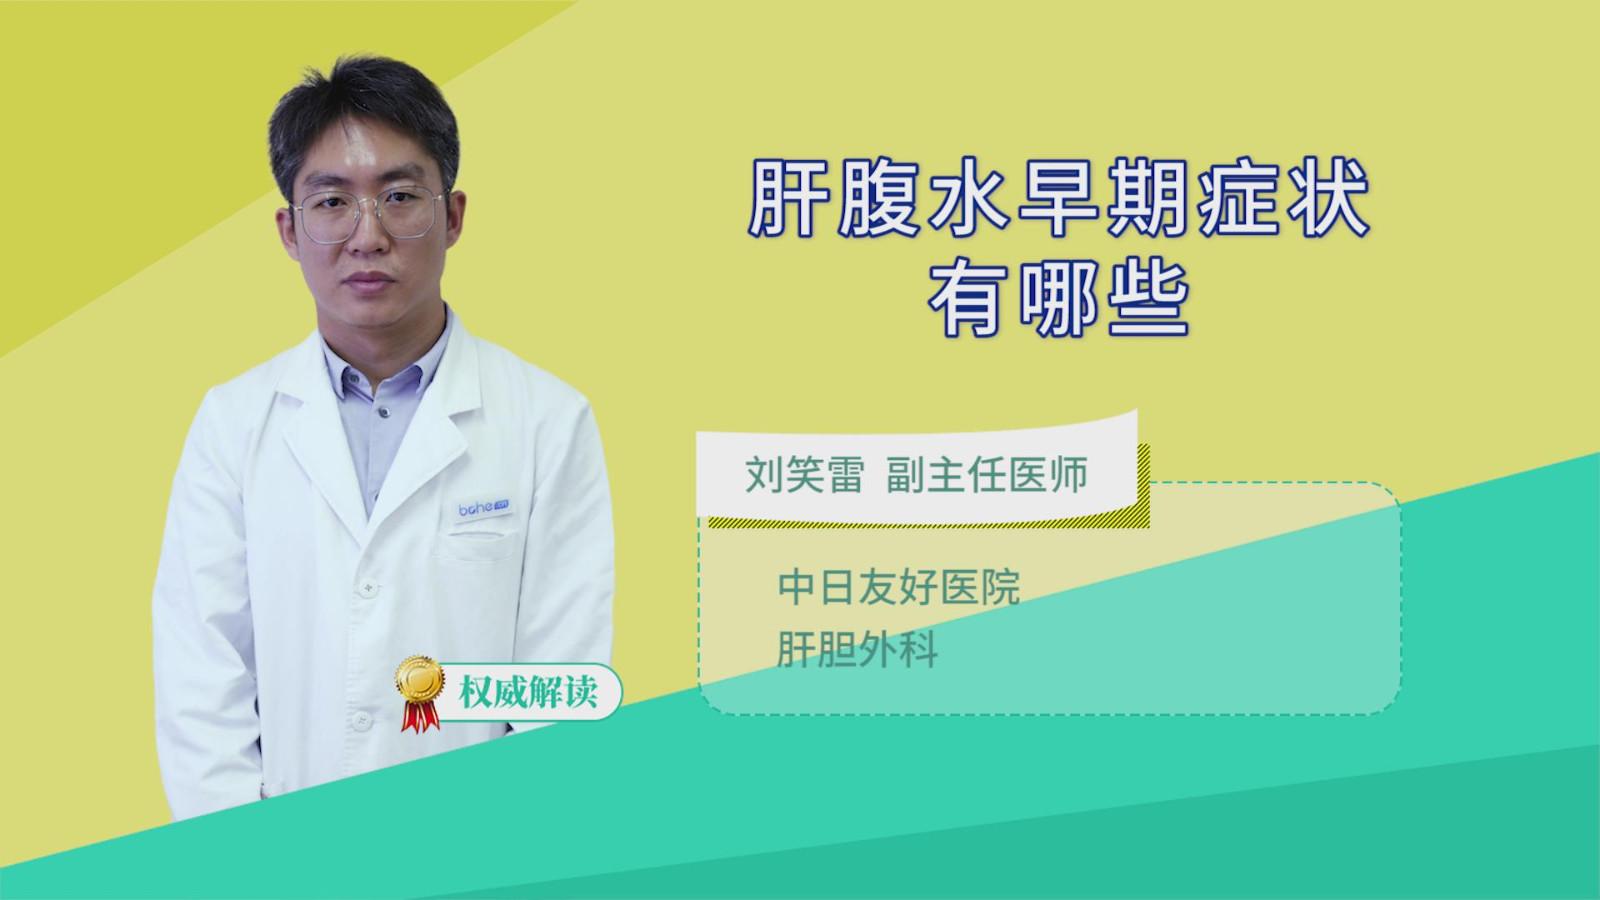 肝腹水早期症状有哪些